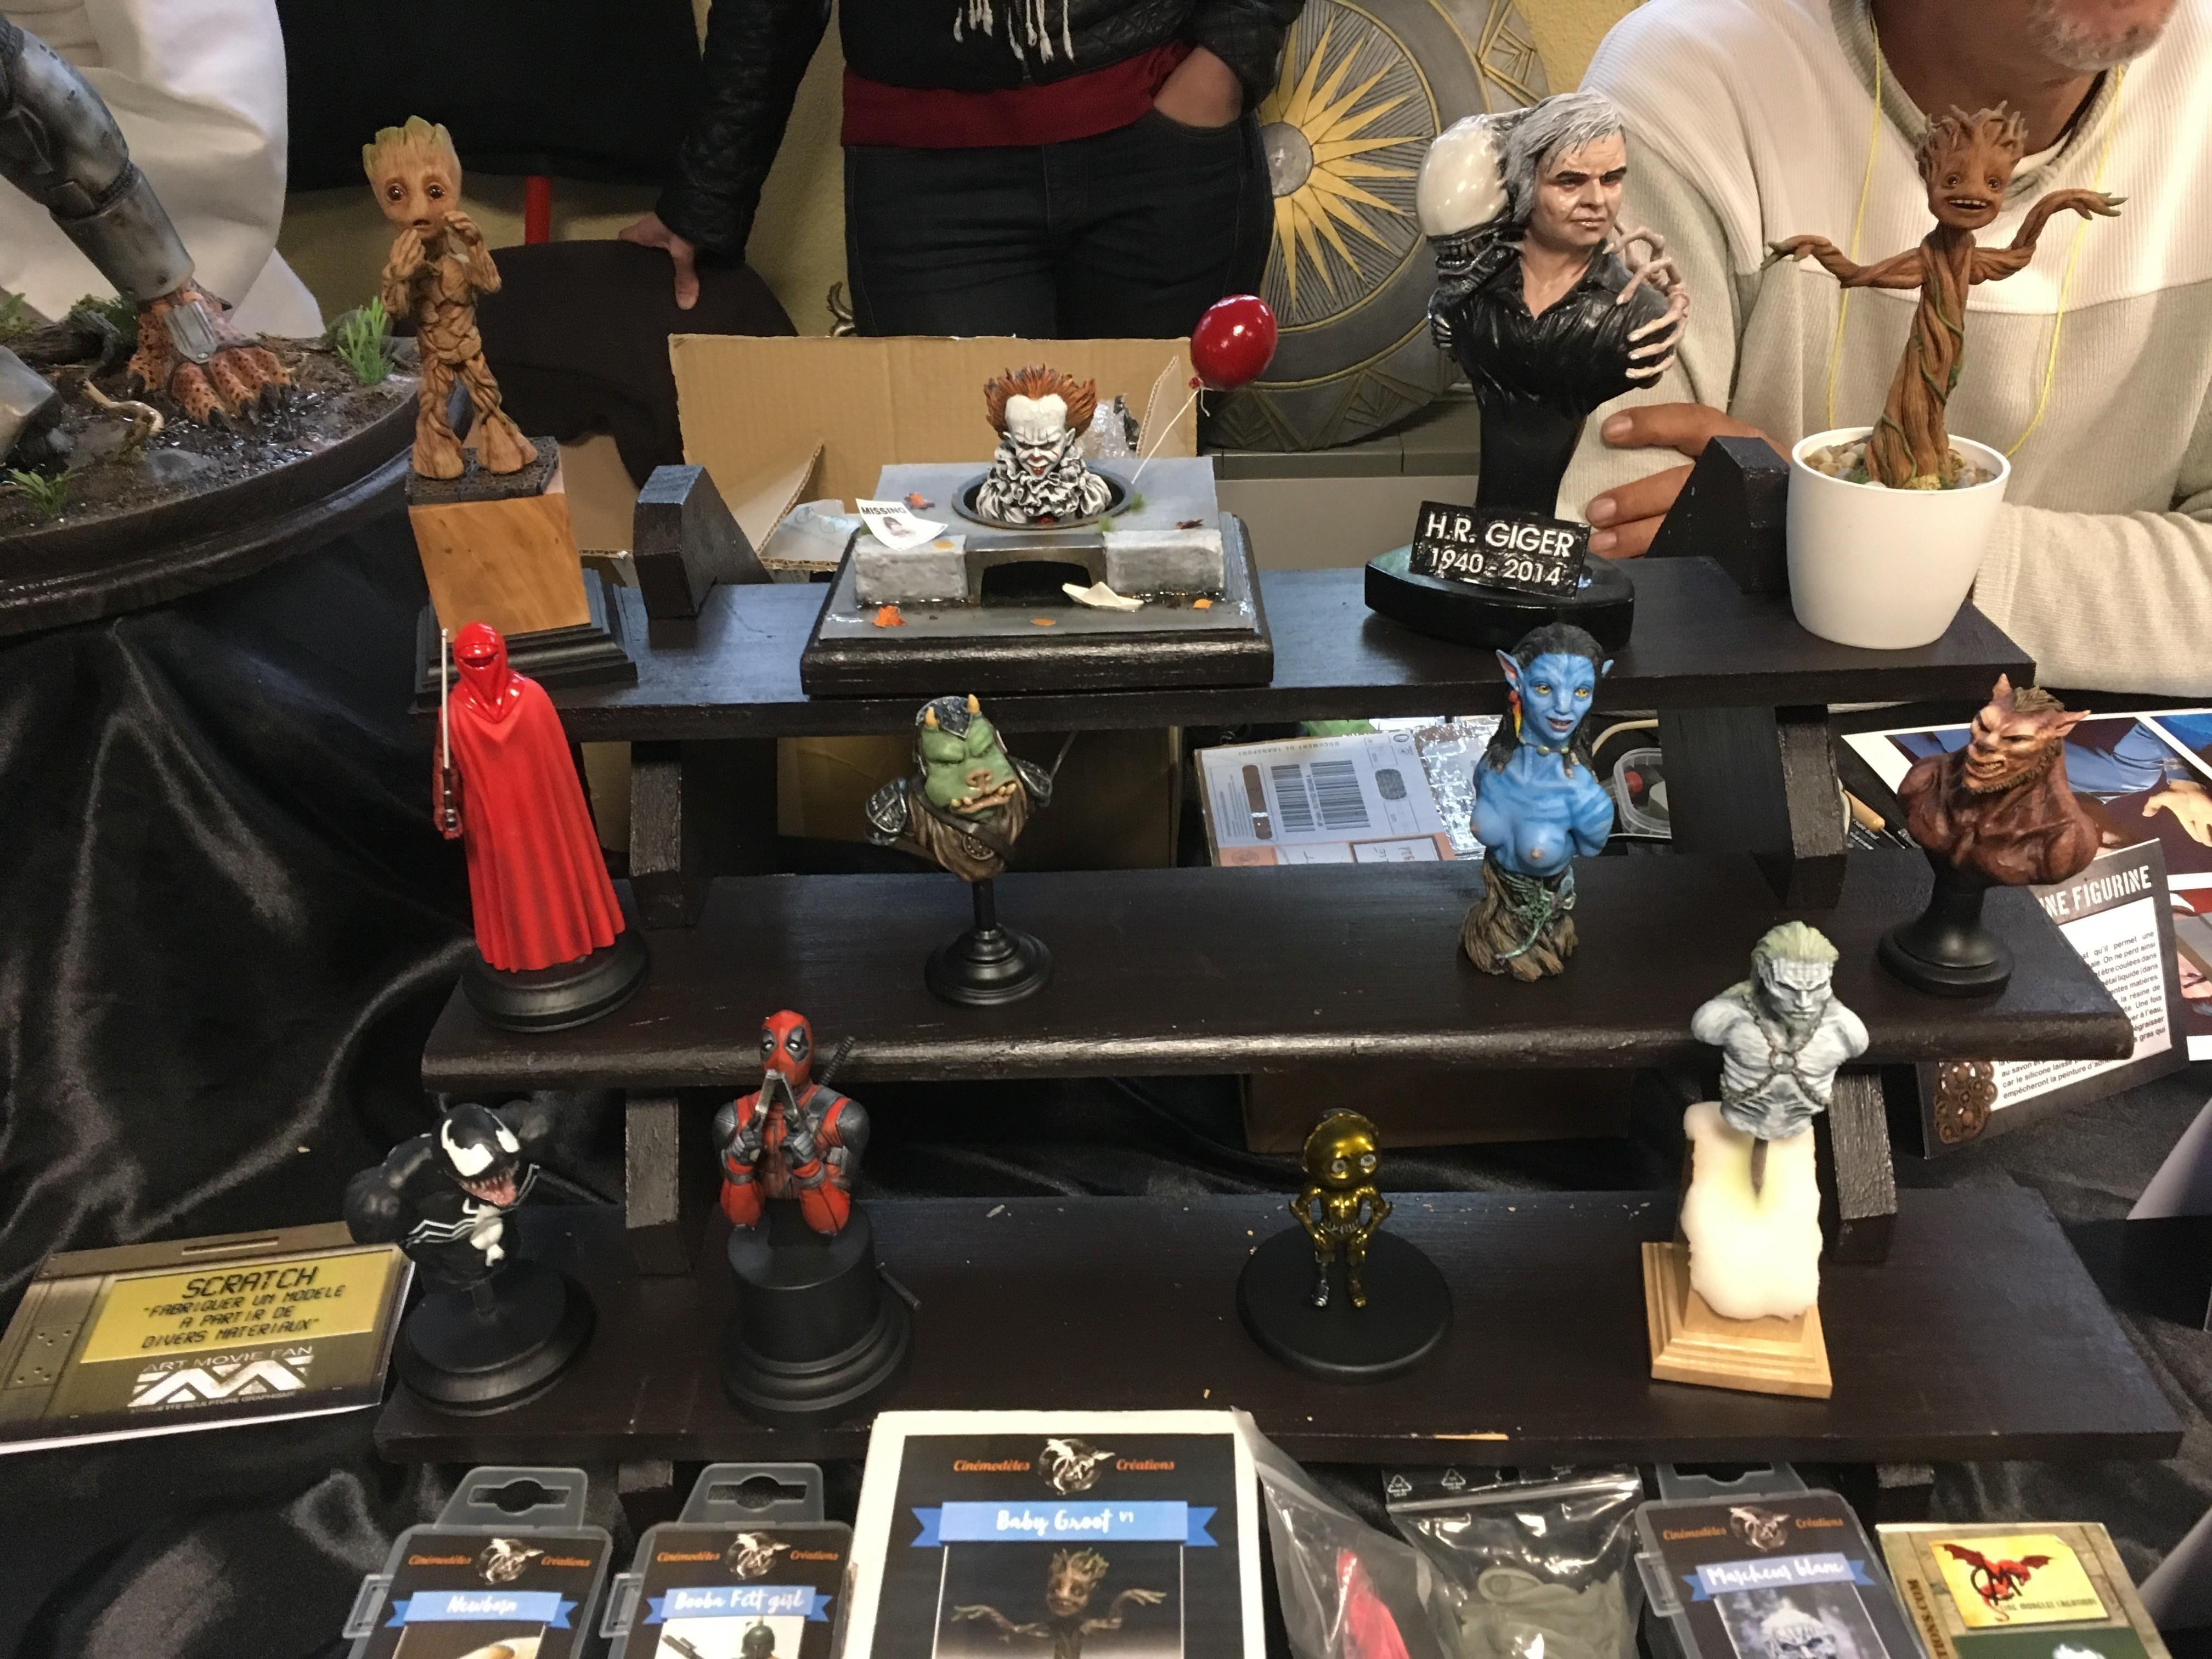 Générations Star Wars et SF 20ème édition - Cusset - 28 et 29 avril 2018 VtR0fH